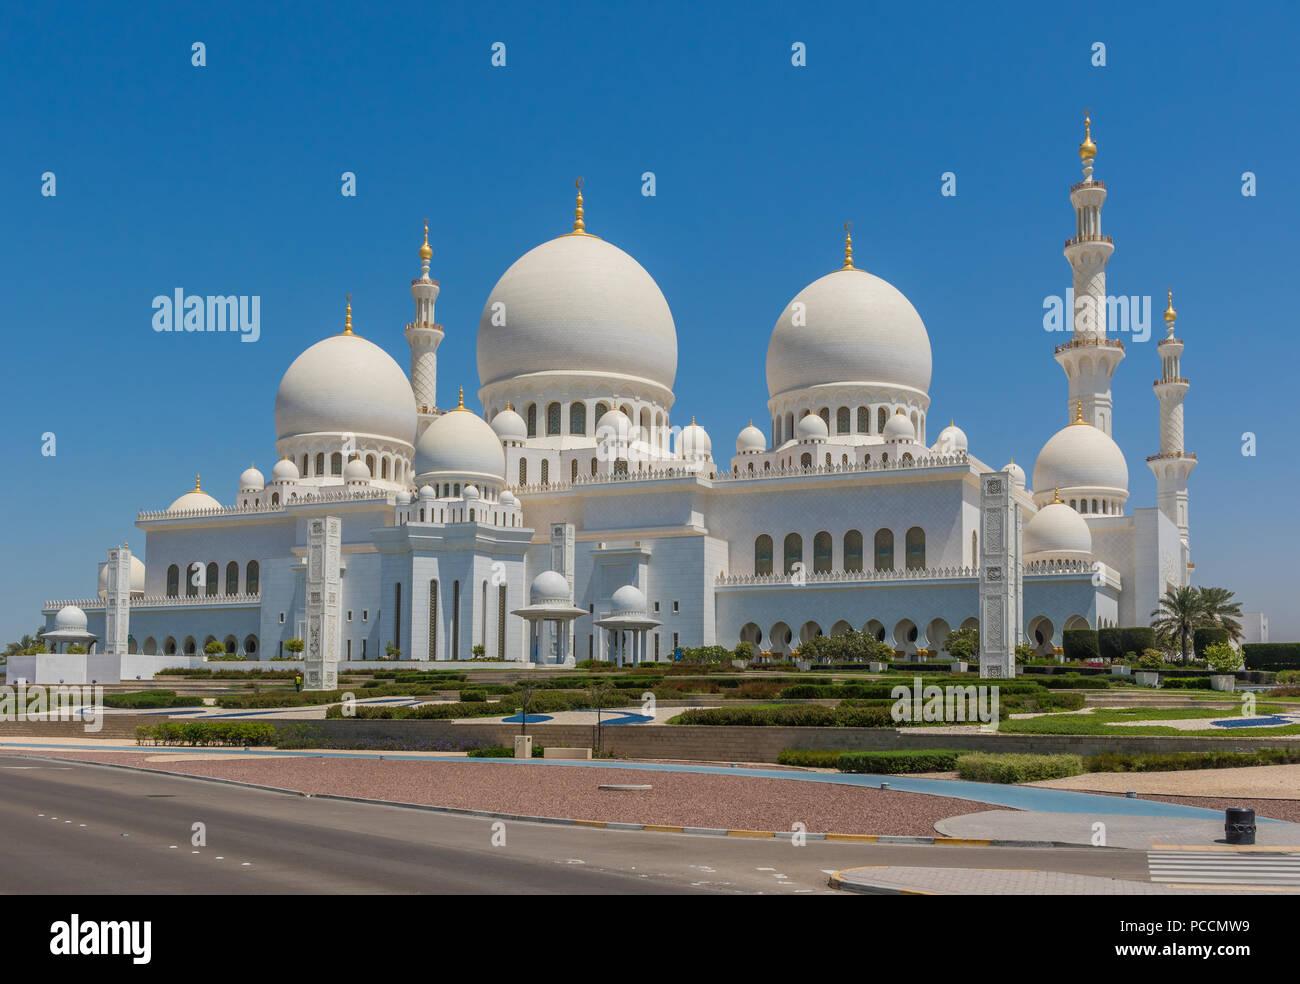 Abu Dhabi - La Mezquita Sheikh Zayed es el hito más reconocibles en Abu Dabhi. Aquí, en particular, un vistazo a su maravillosa arquitectura Foto de stock